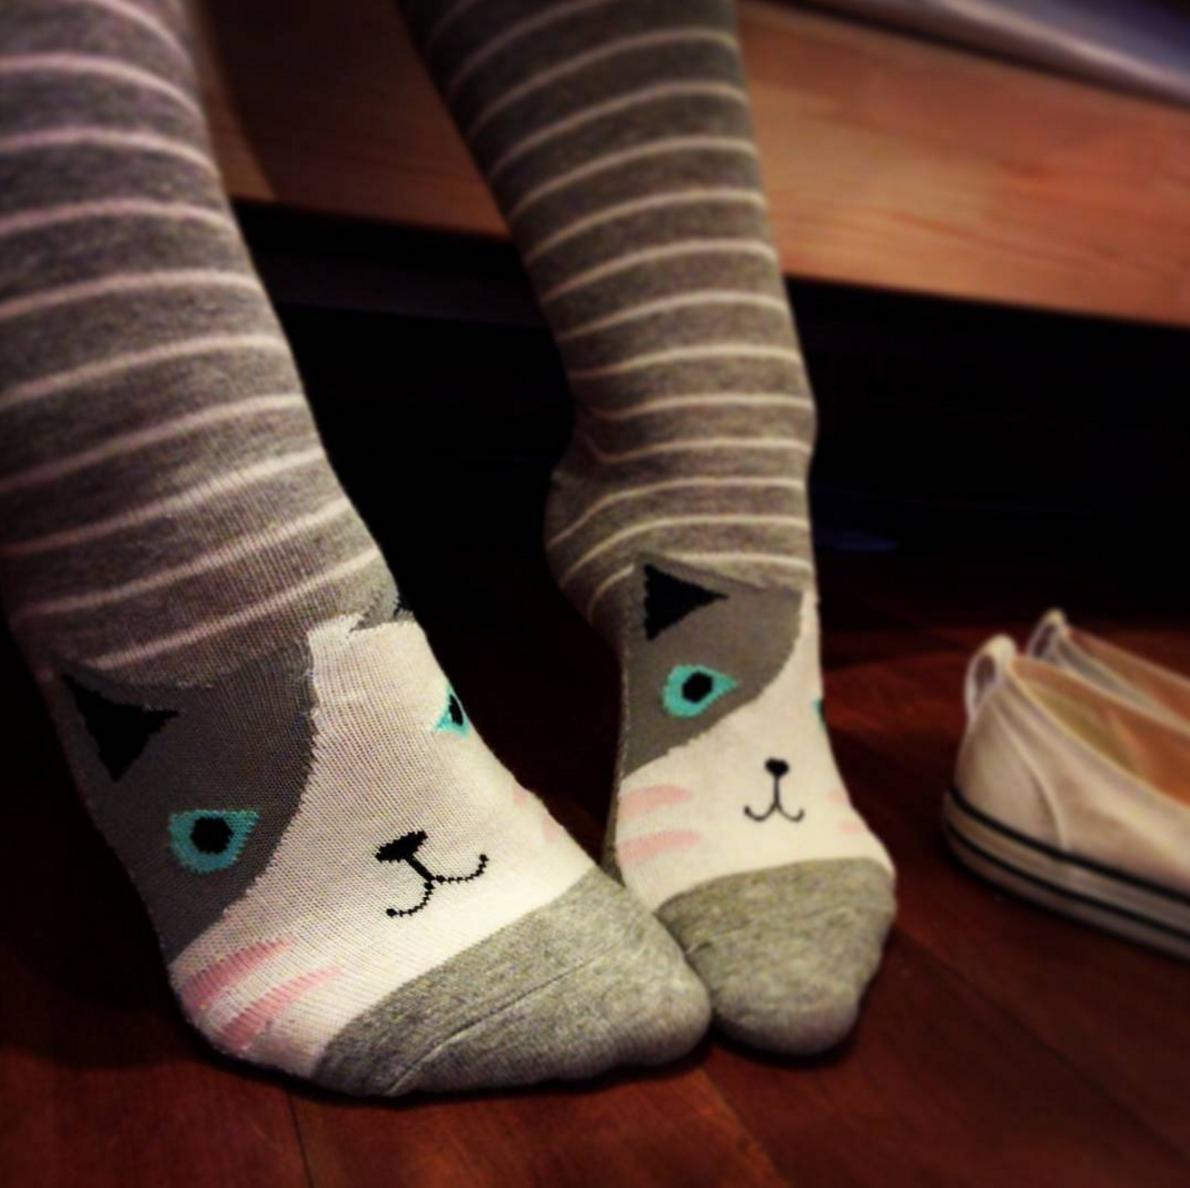 Kat socks